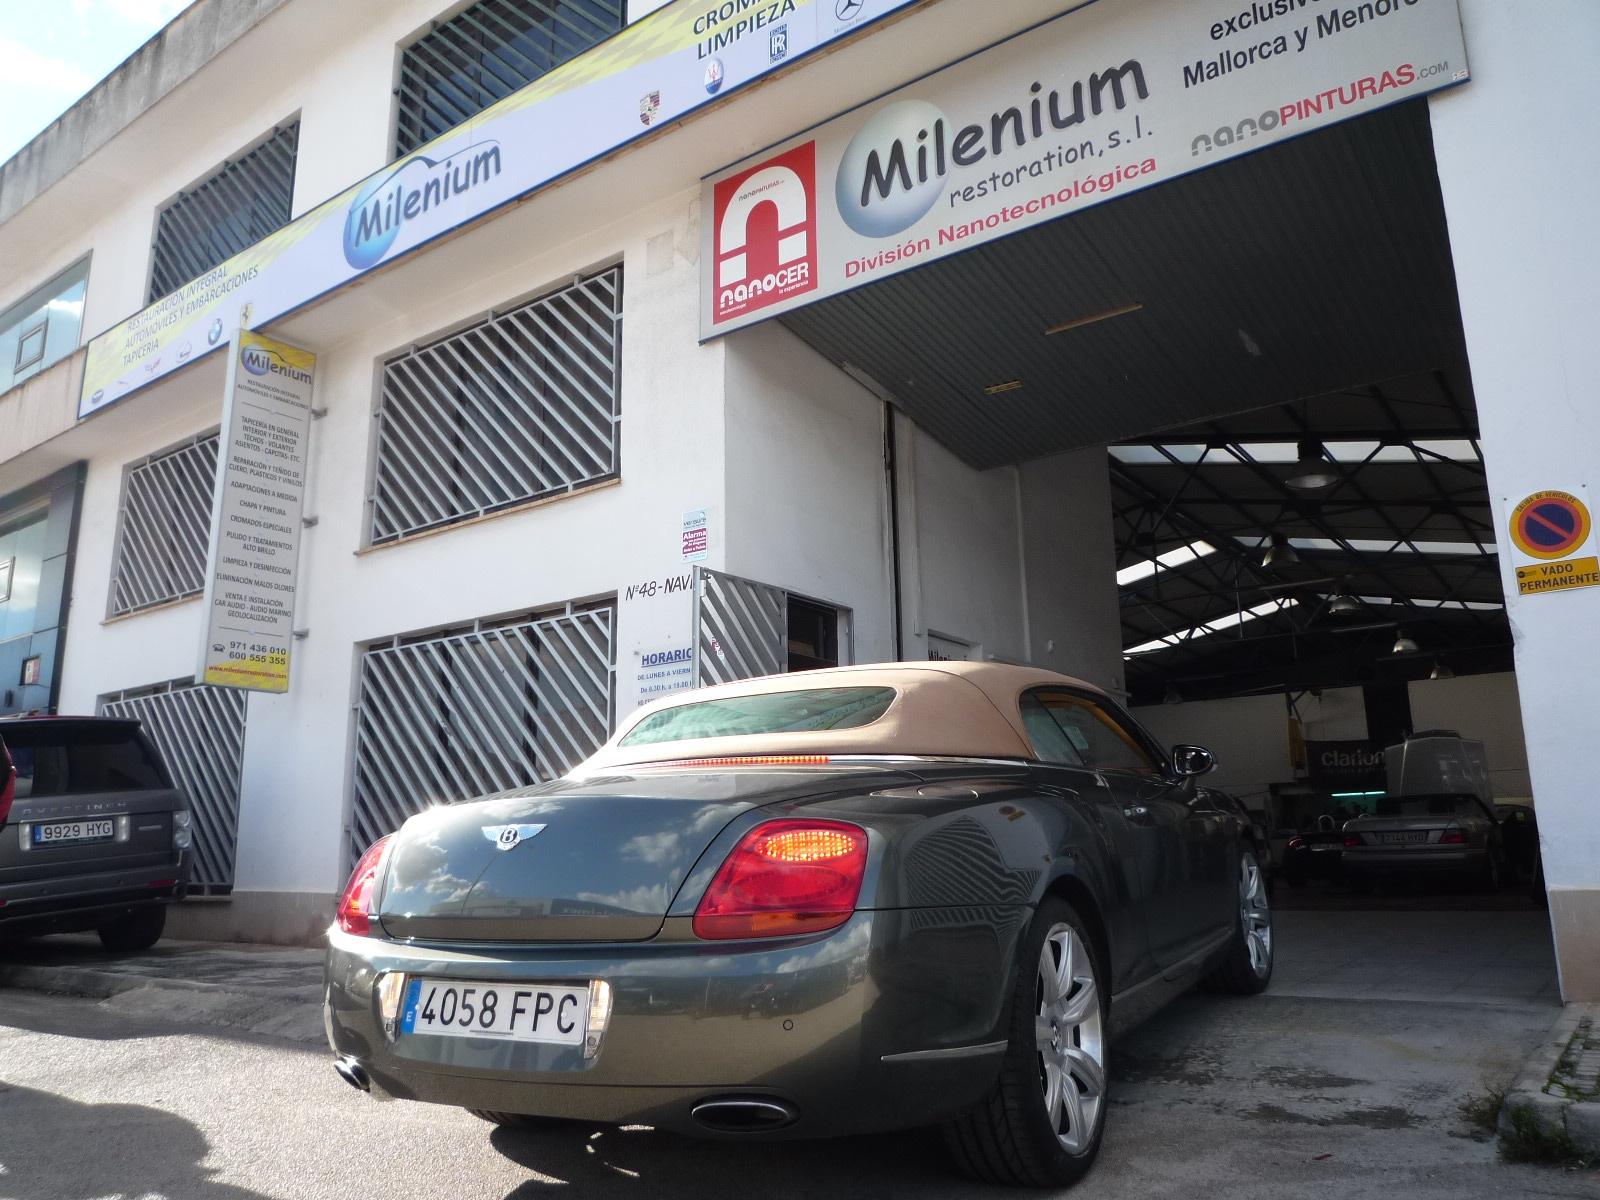 Milenium Restoration s.l.